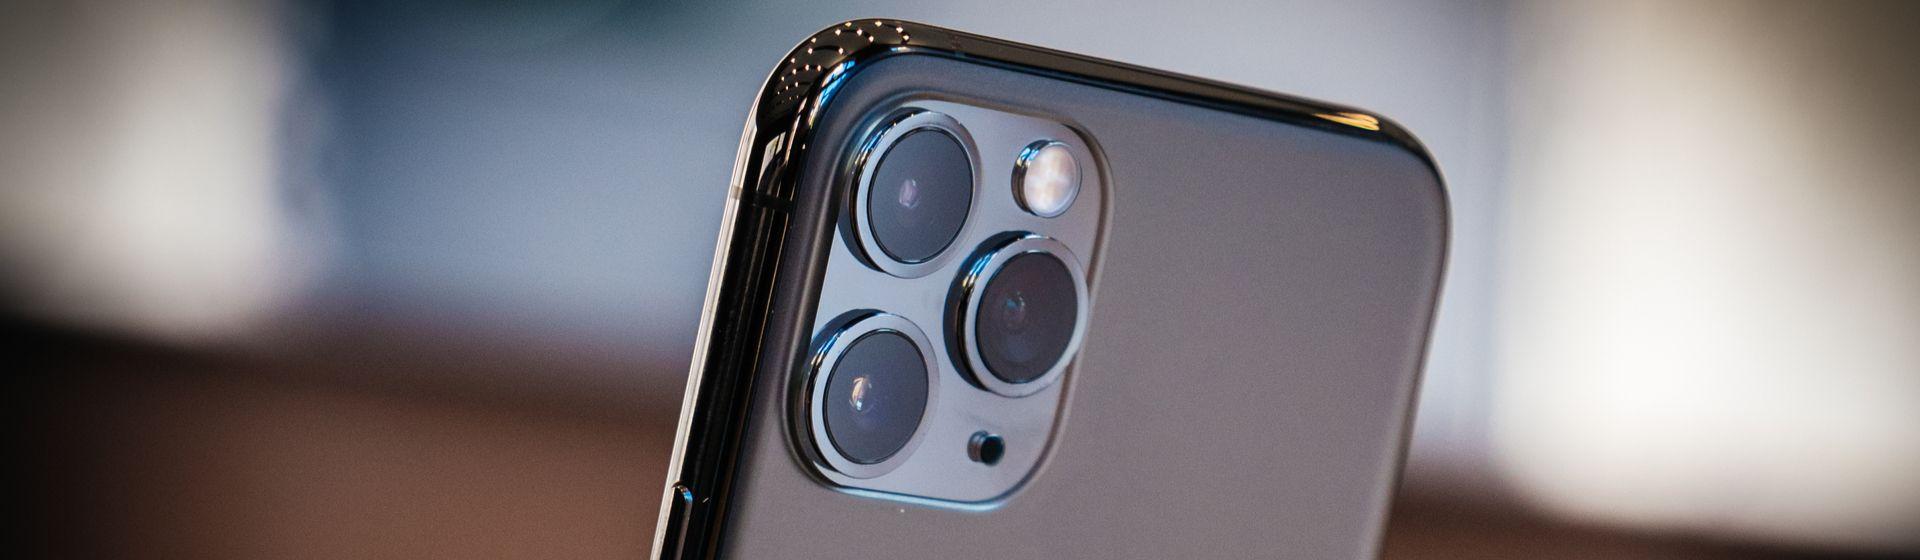 iPhone 12: fotos revelam possível design dos celulares da Apple